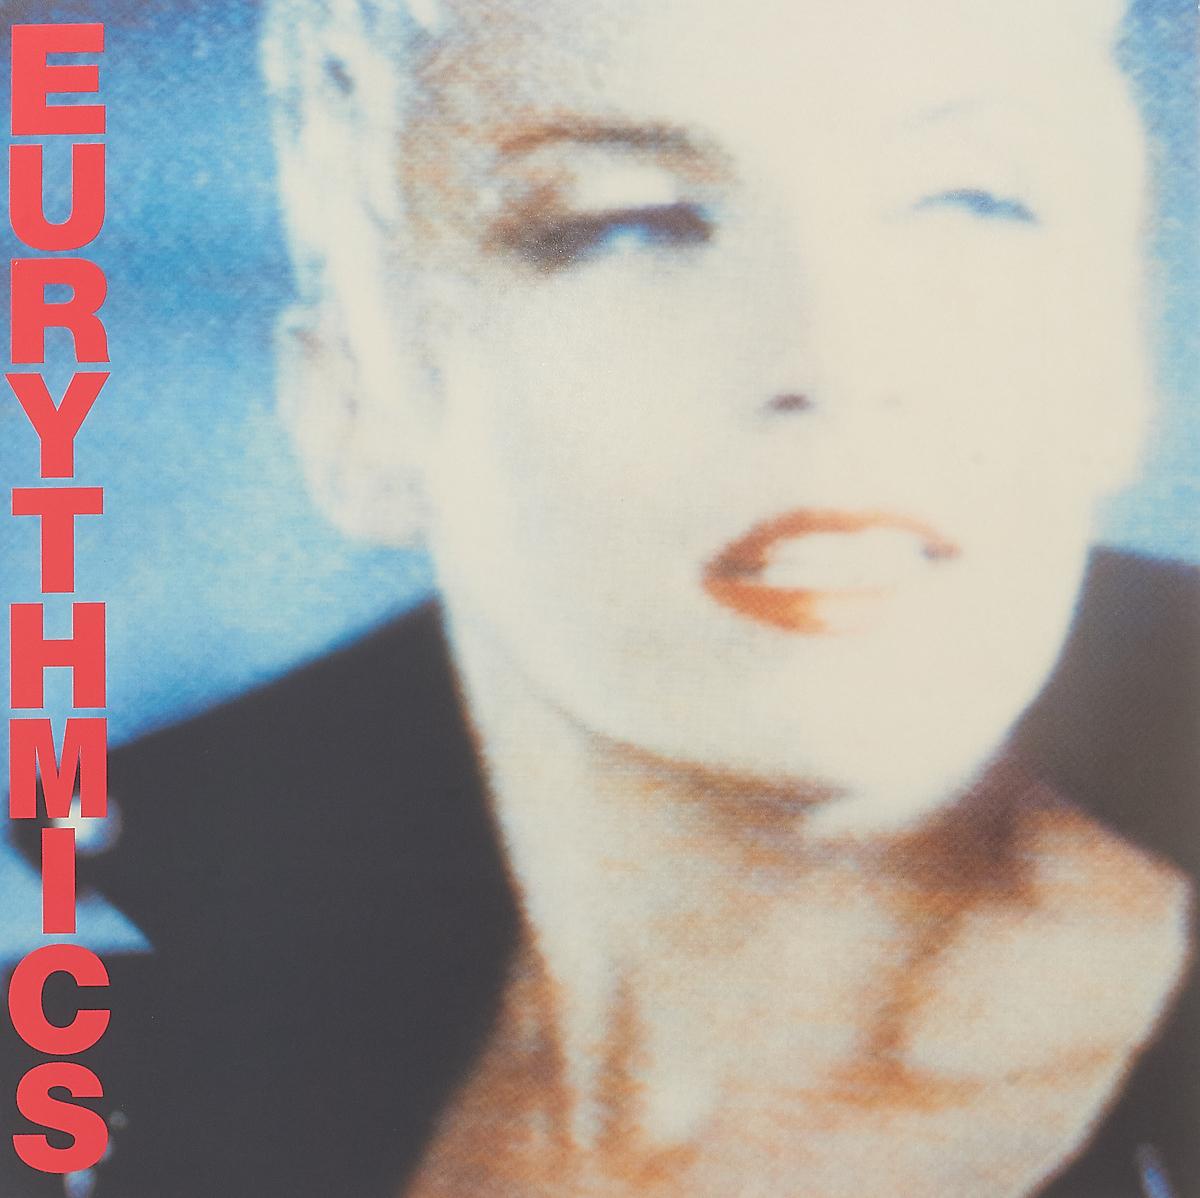 Eurythmics Eurythmics. Be Yourself Tonight (LP) eurythmics eurythmics greatest hits 2 lp